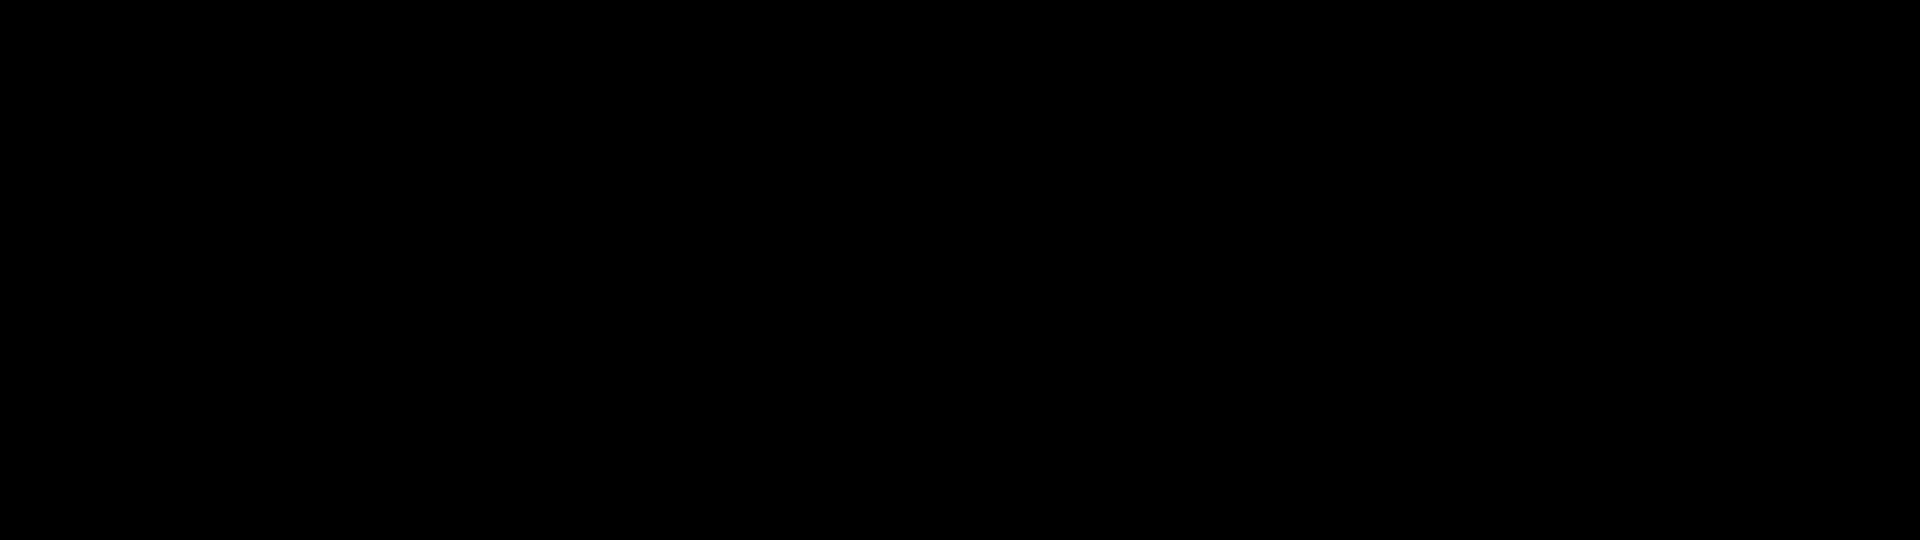 LinkedIn_Logo_Black_Wide.png